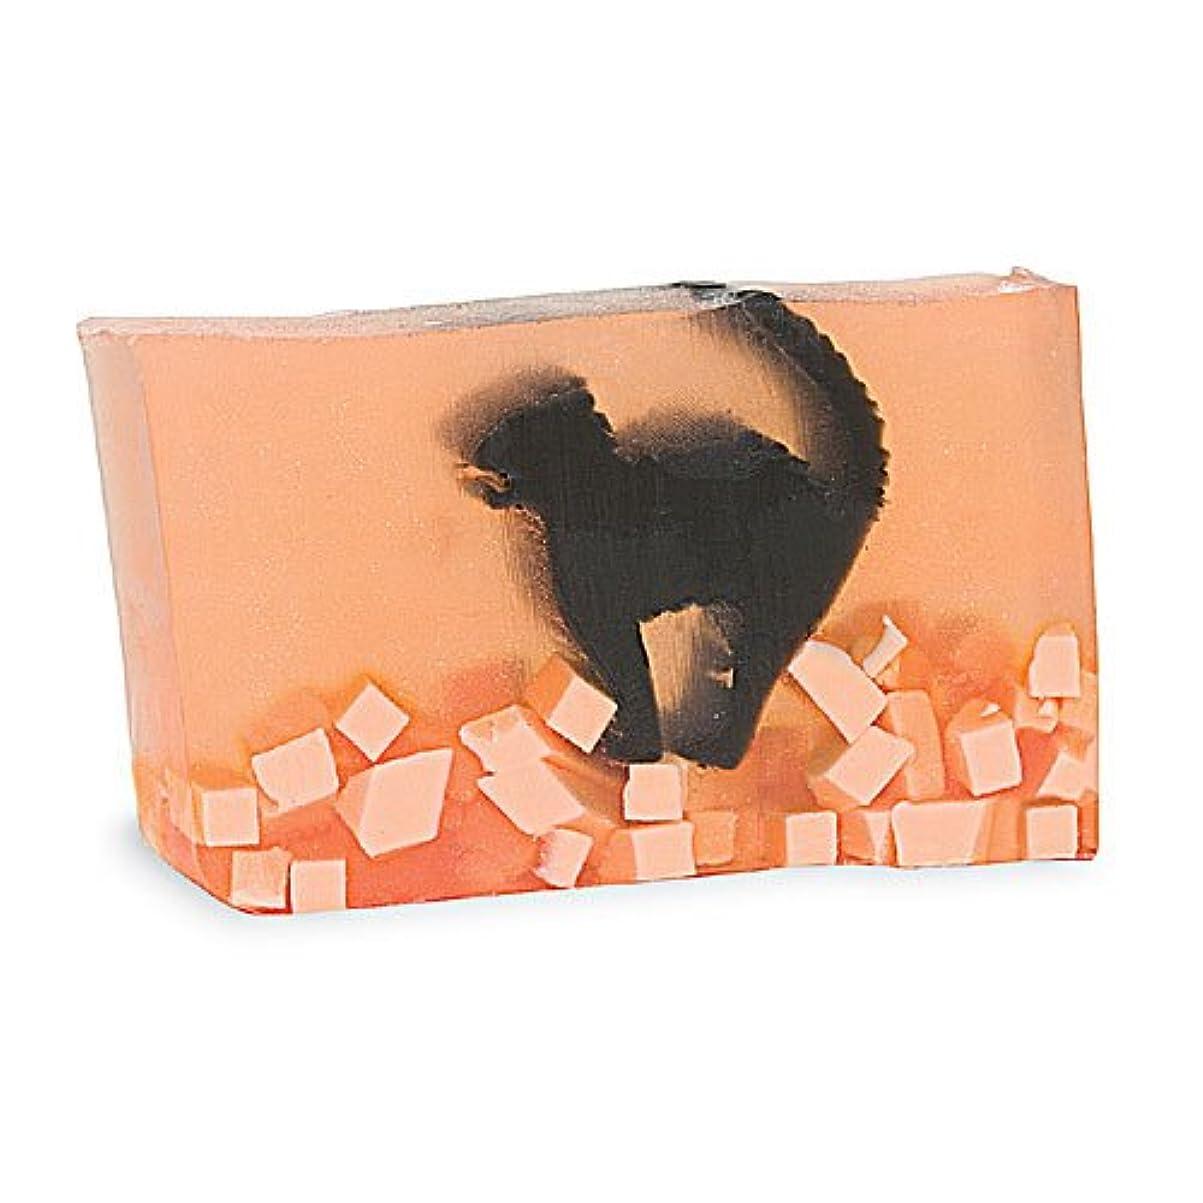 放出好ましいなんでもプライモールエレメンツ アロマティック ソープ スケアディキャット 180g ハロウィンにおすすめ植物性のナチュラル石鹸